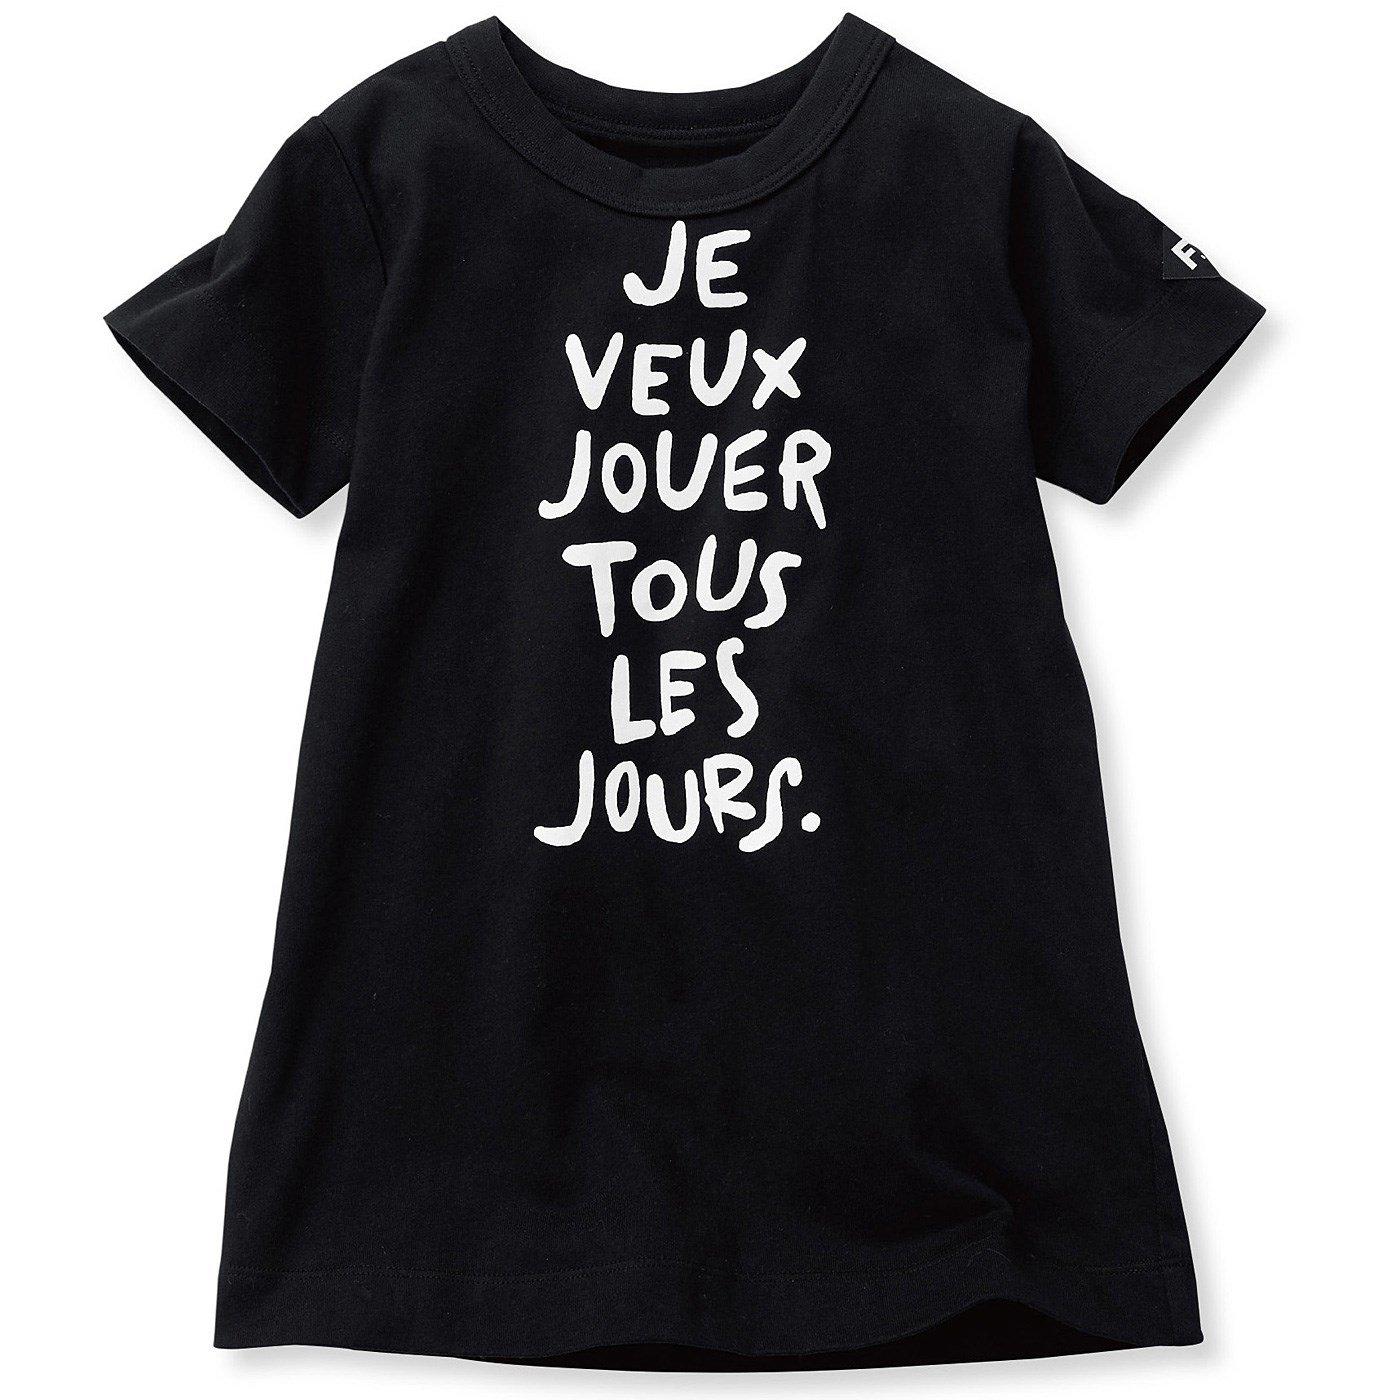 コットン素材のロゴがおしゃれな長め丈Tシャツ